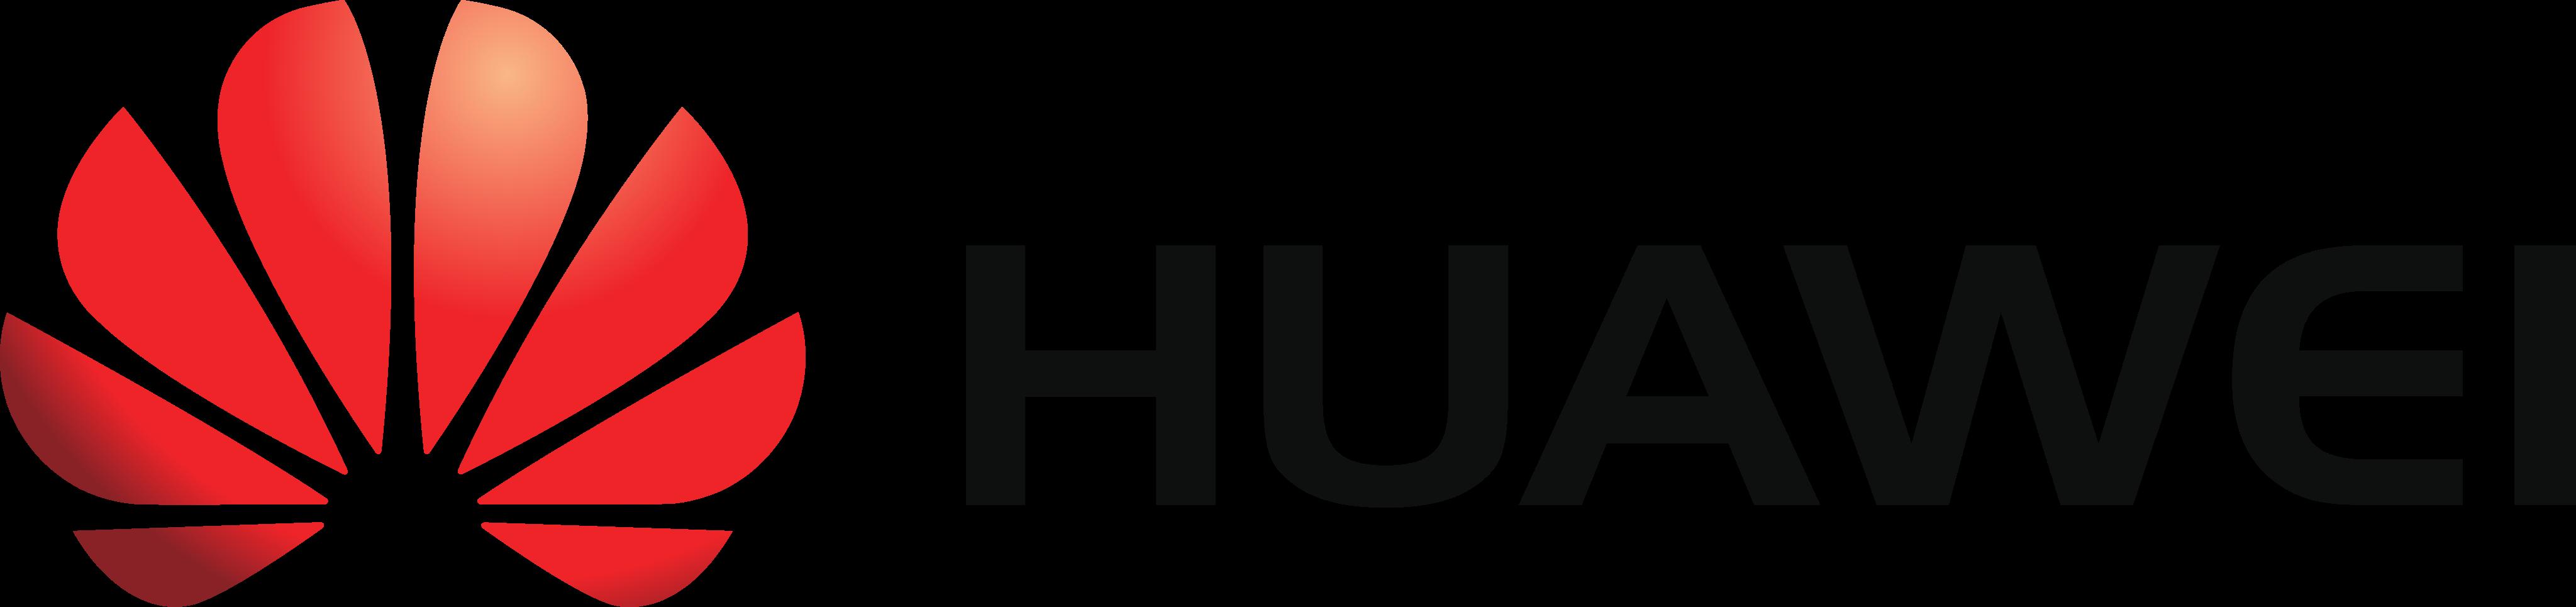 huawei logo 6 - Huawei Logo